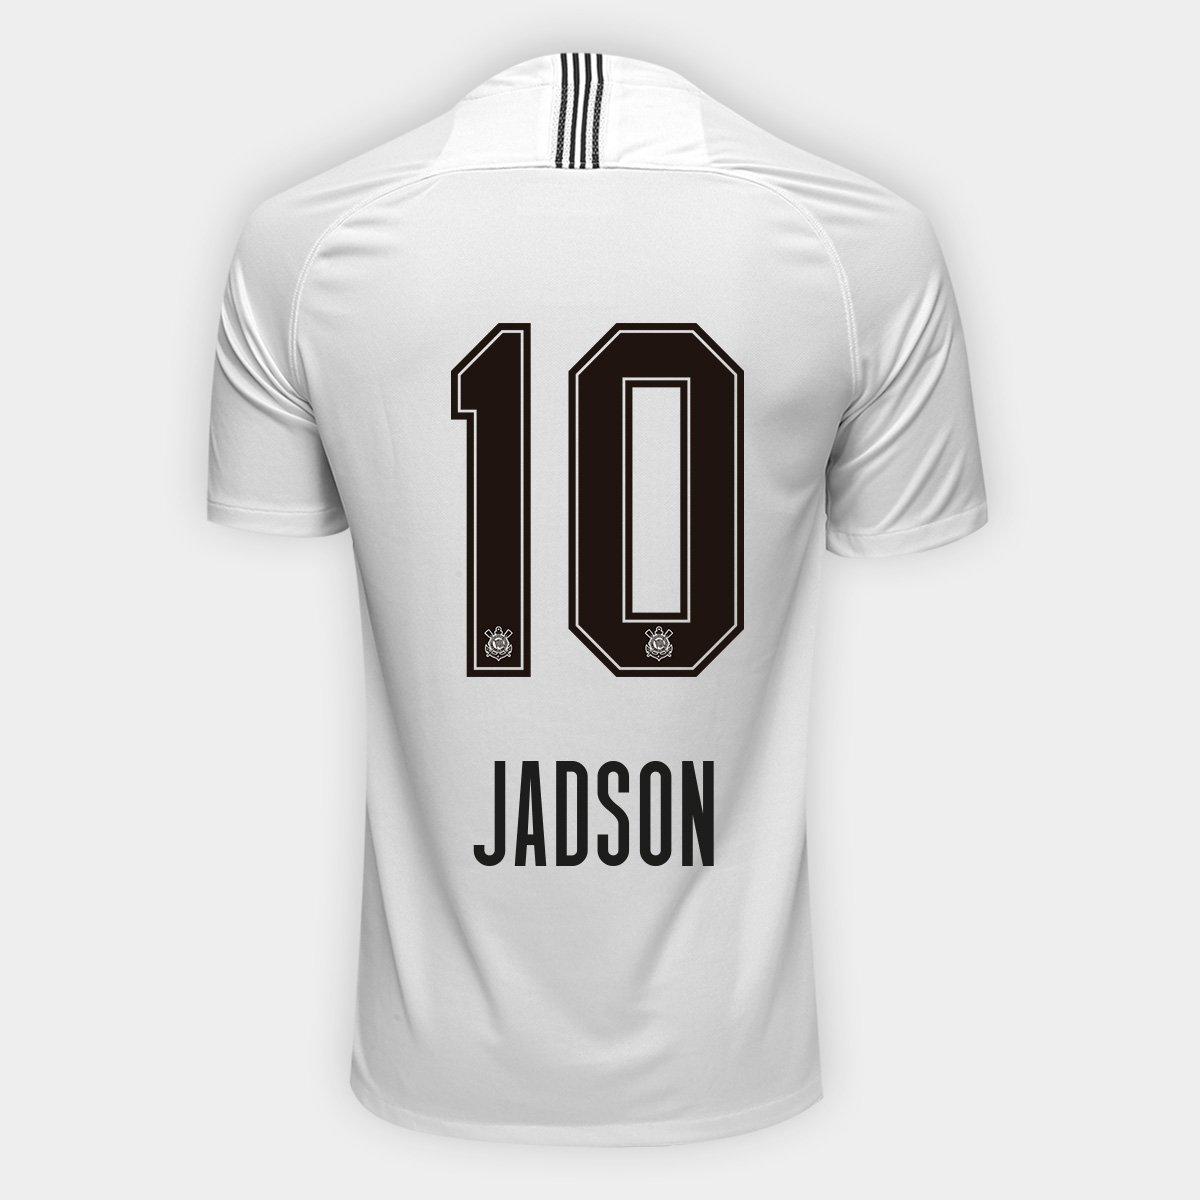 03302c198c Camisa Corinthians I 18 19 Nº 10 Jadson - Torcedor Nike Masculina - Compre  Agora